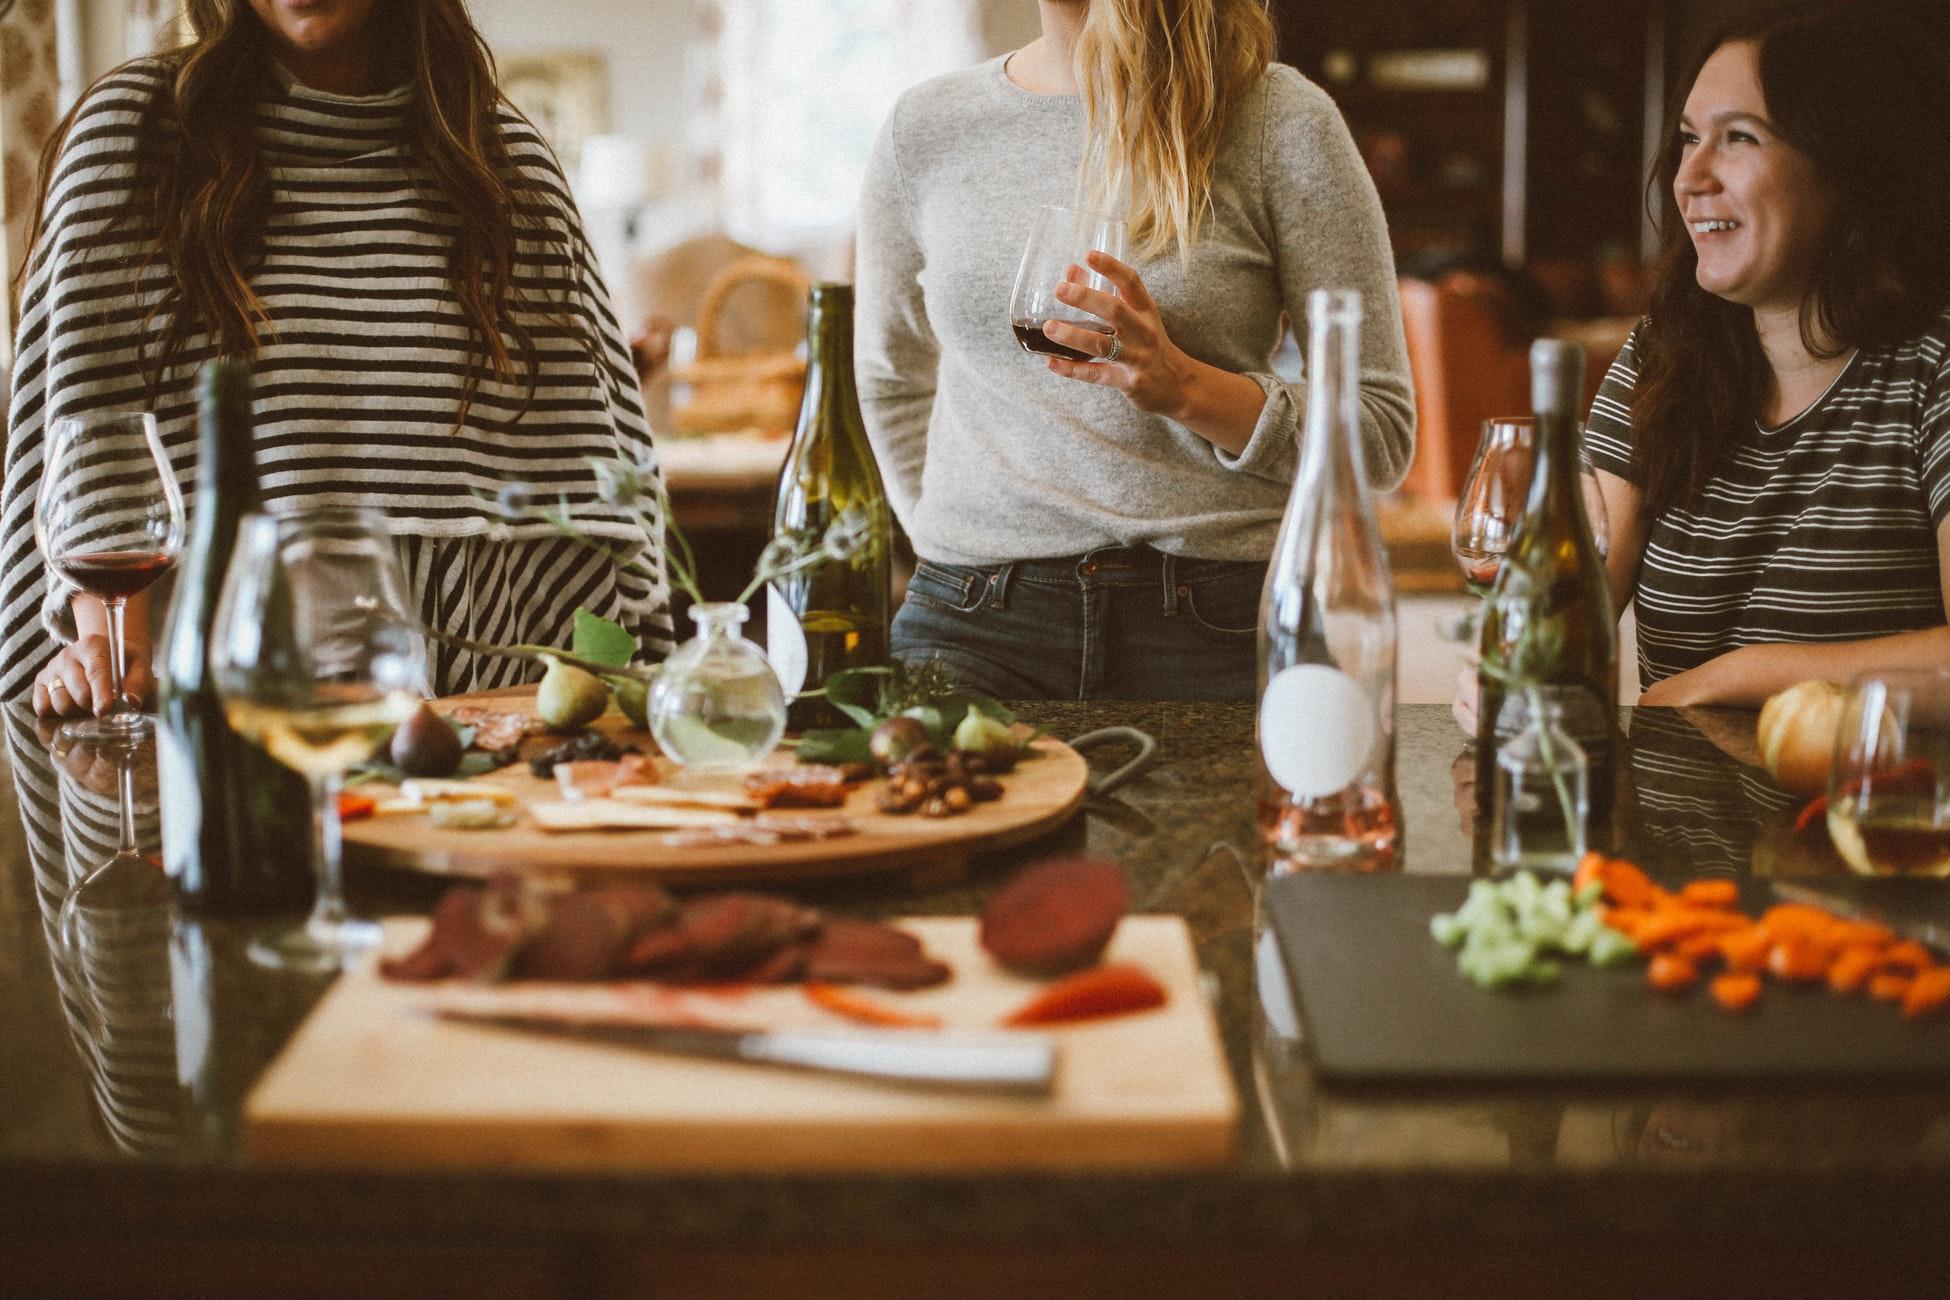 Comment continuer de manger équilibré lorsque les activités sociales reprennent?